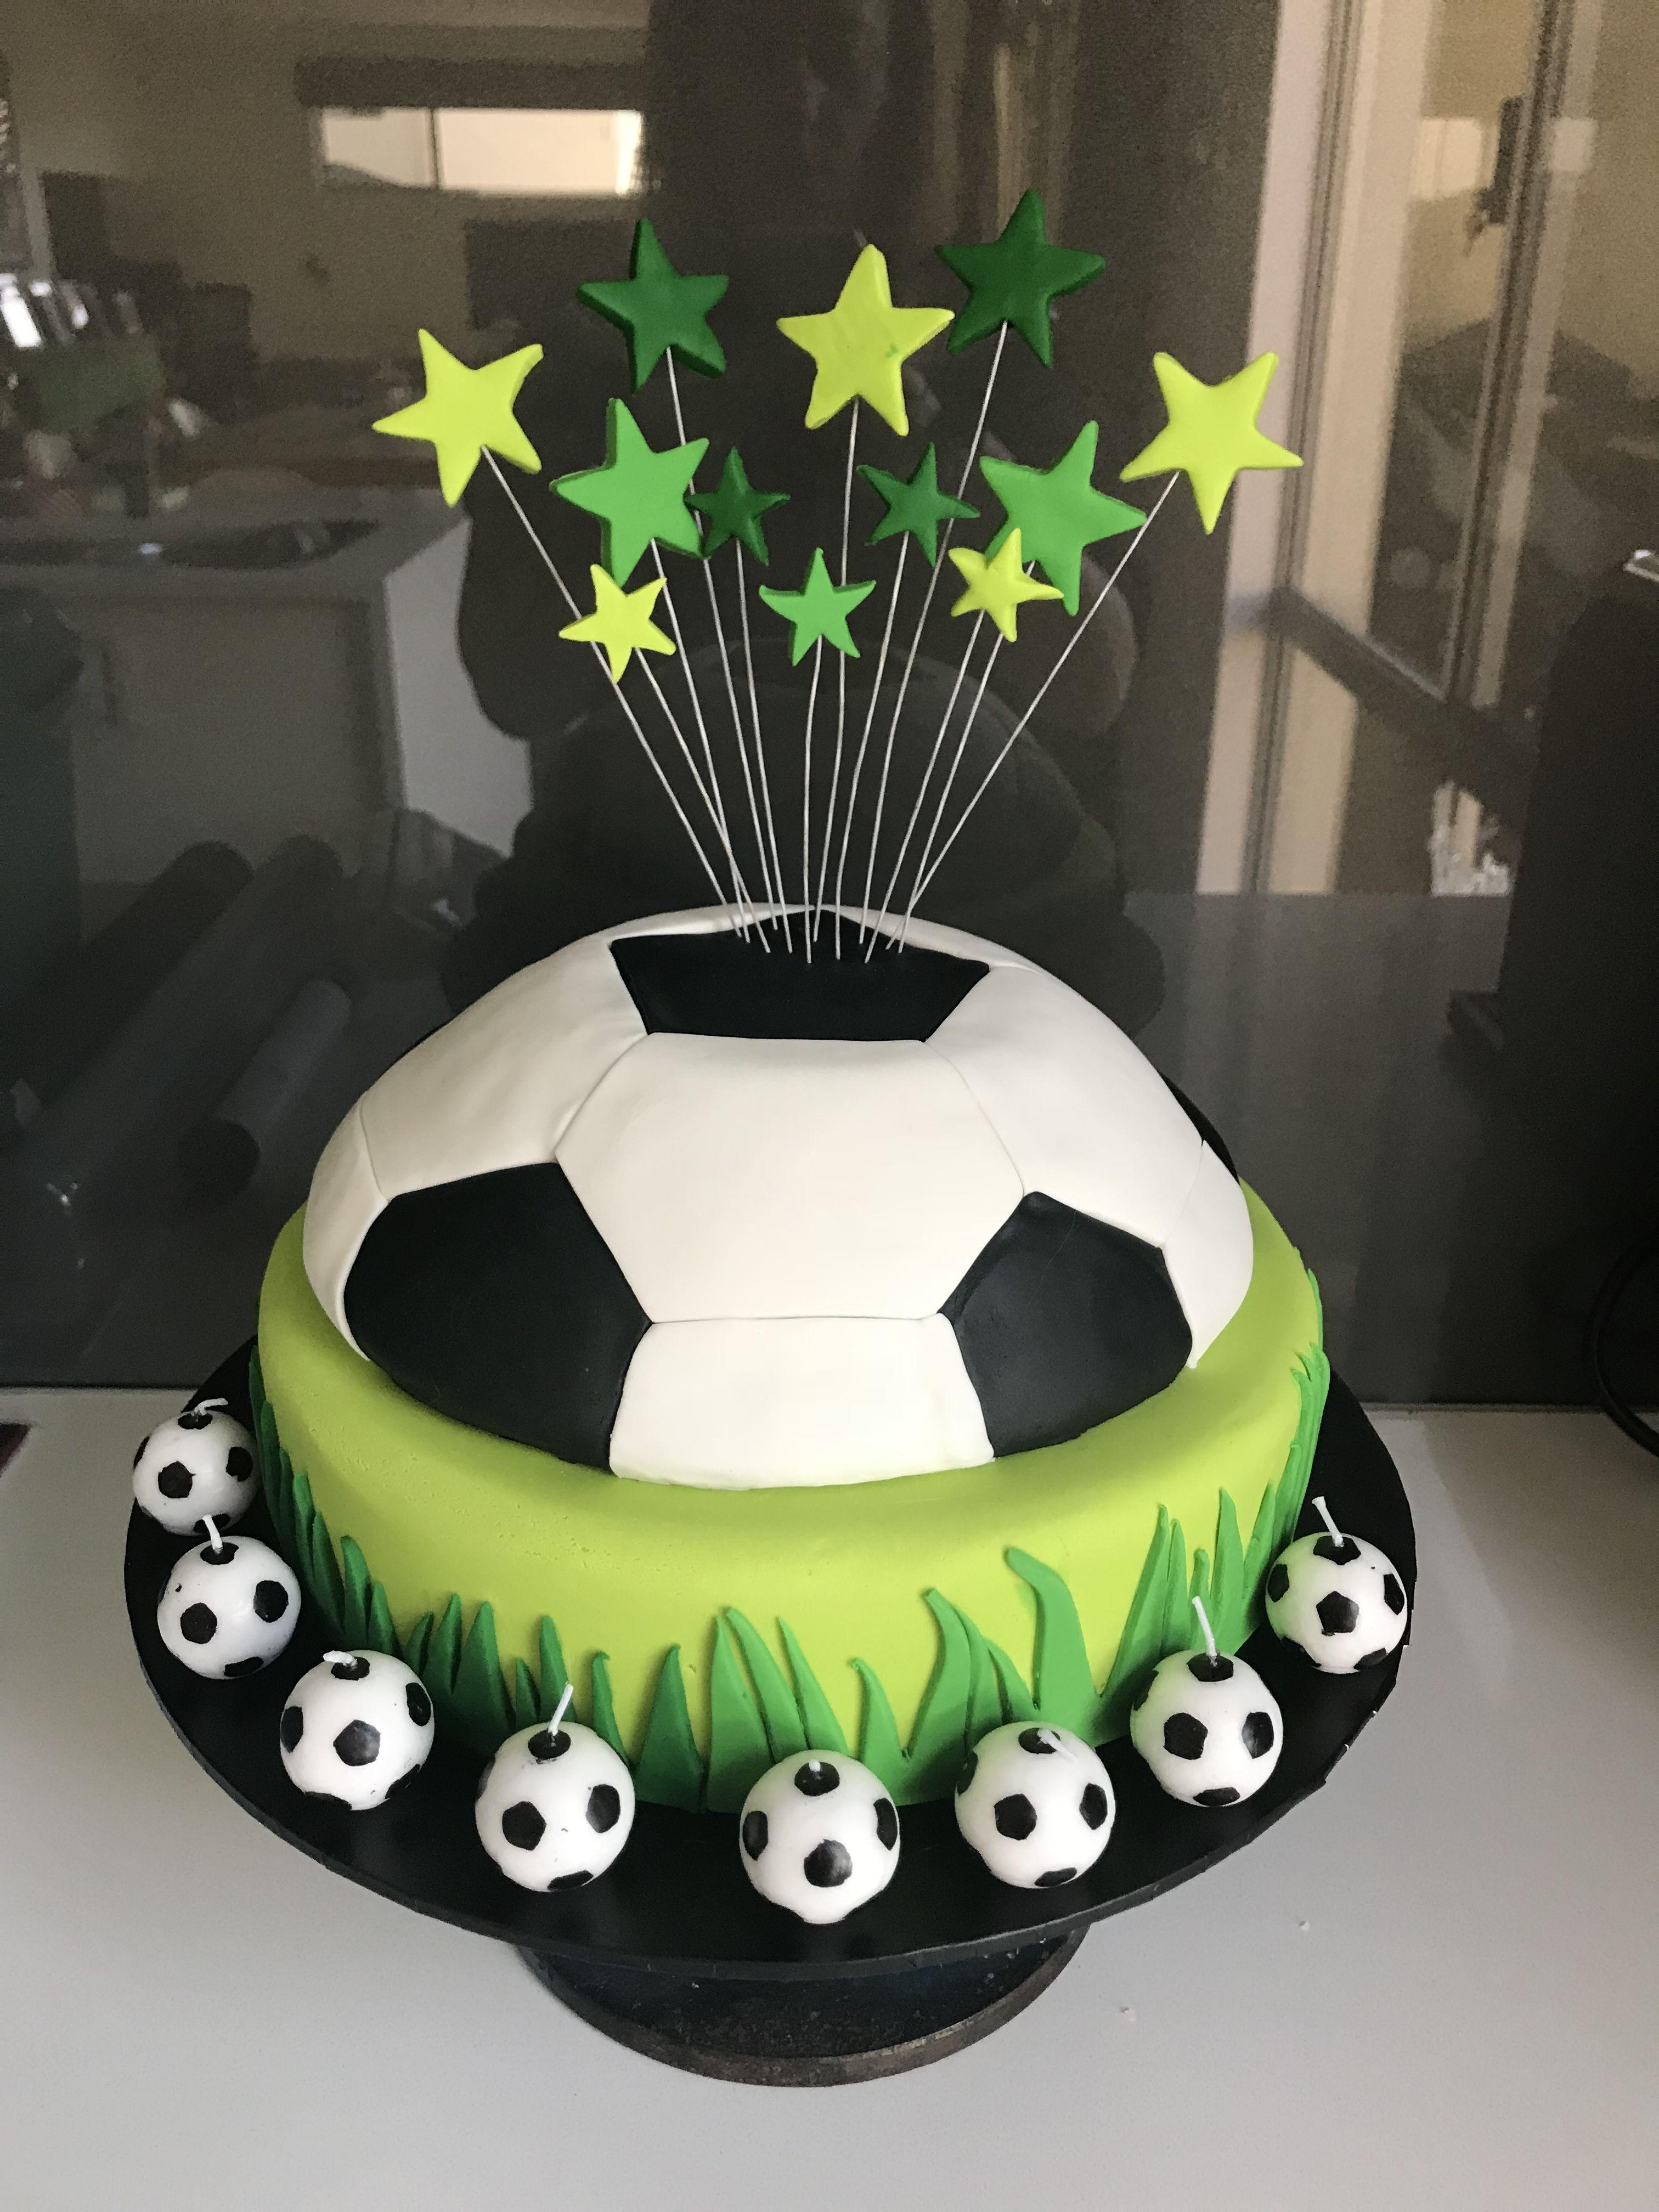 Soccer Ball Birthday Cake Art Cakes Pinterest Cake Birthday